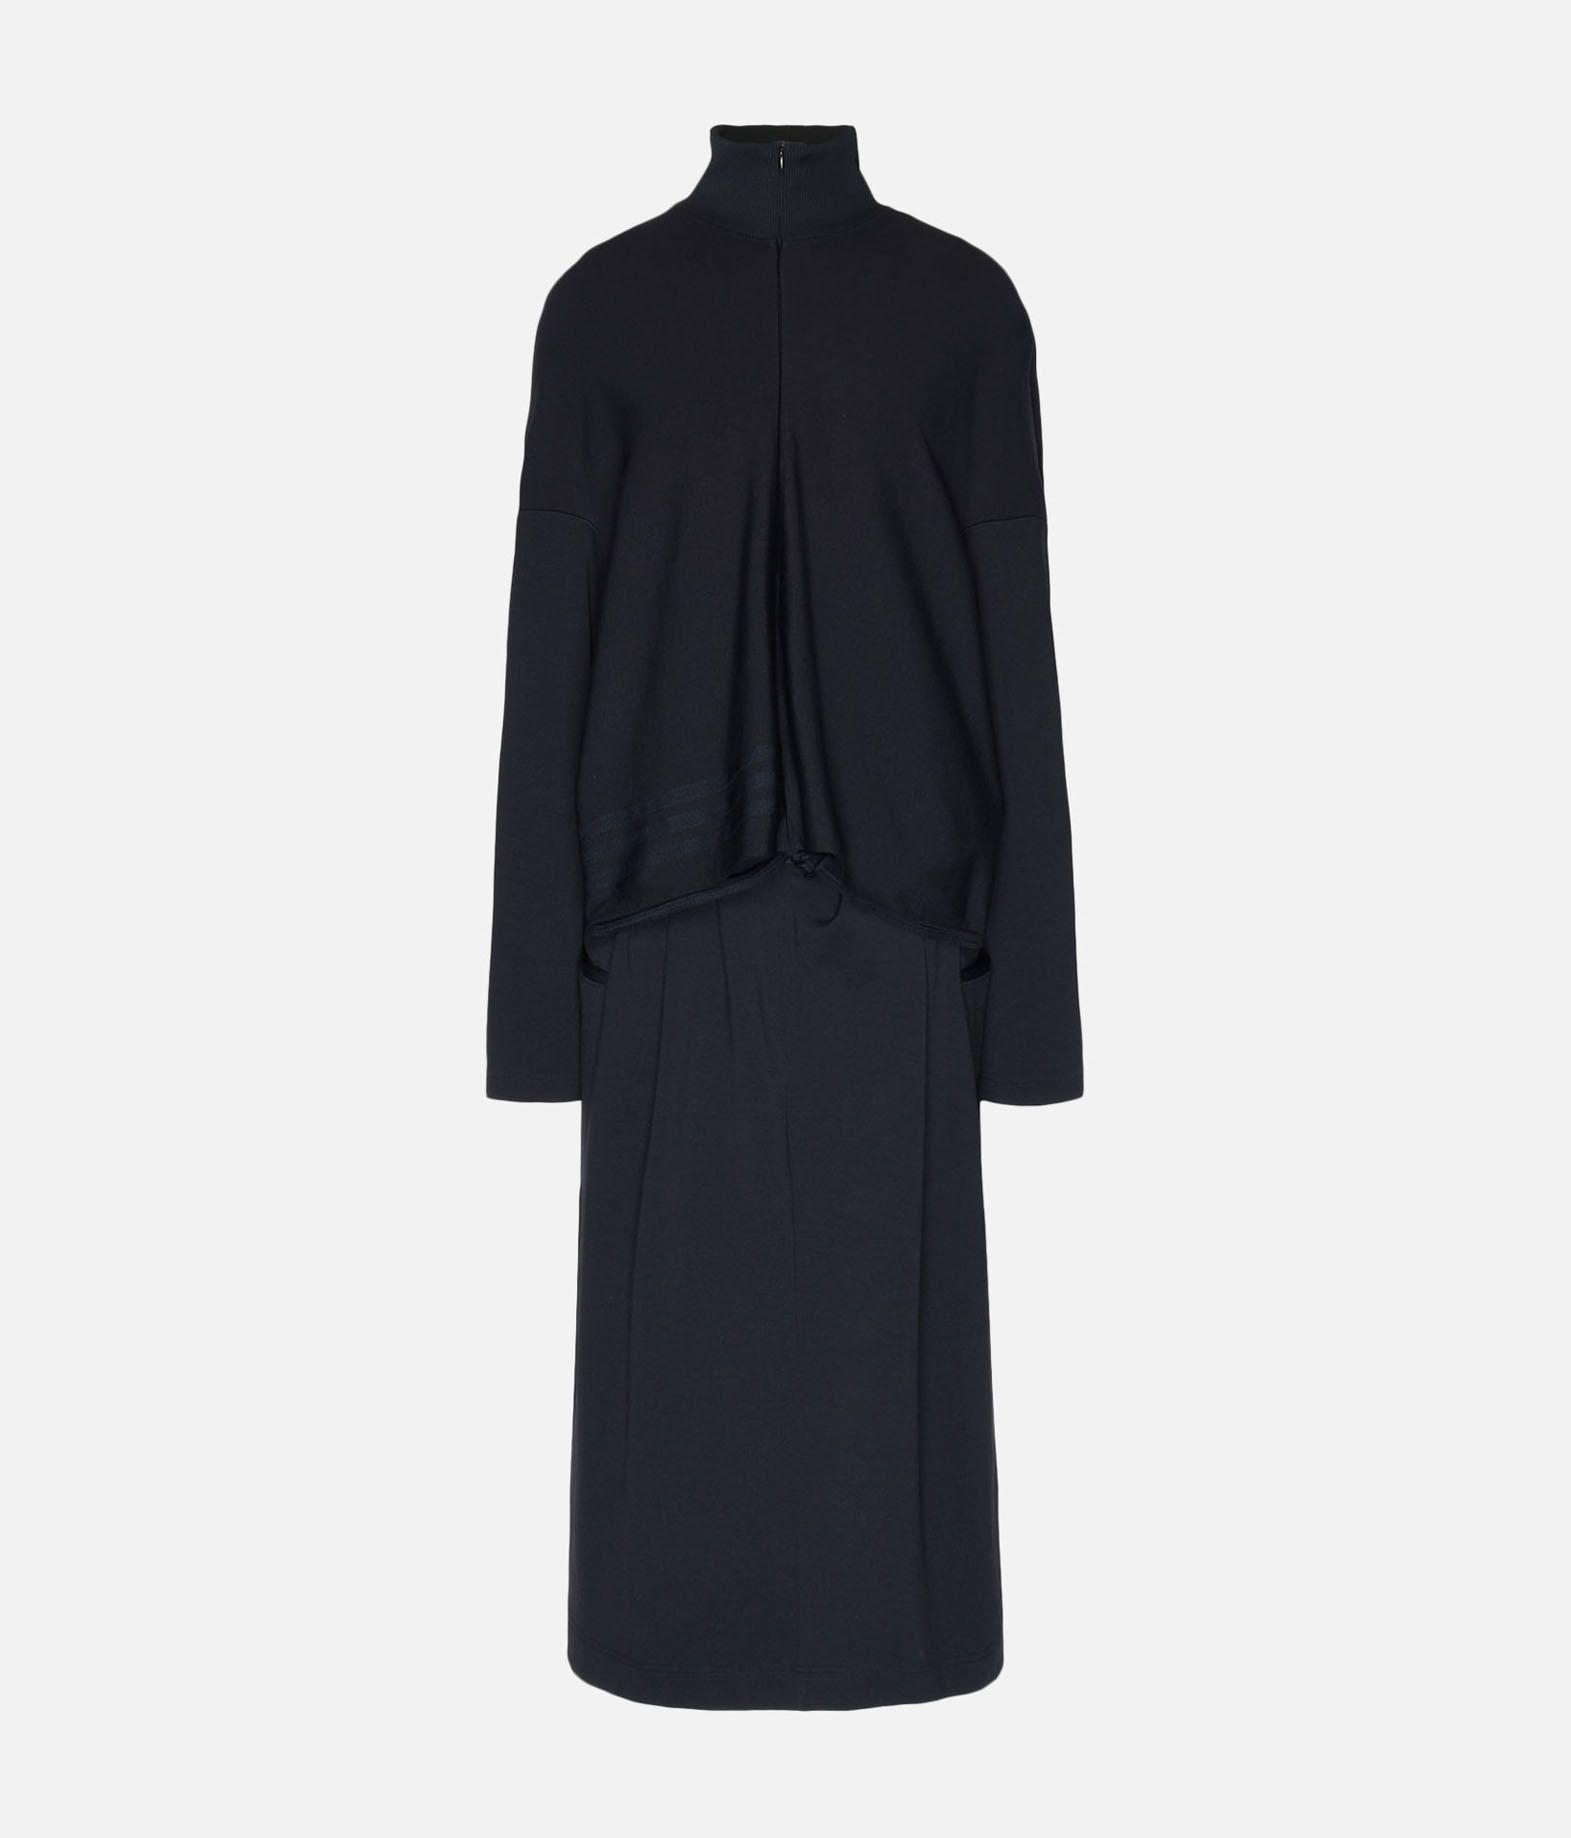 Y-3 Y-3 Matte Track Dress Платье длиной 3/4 Для Женщин f